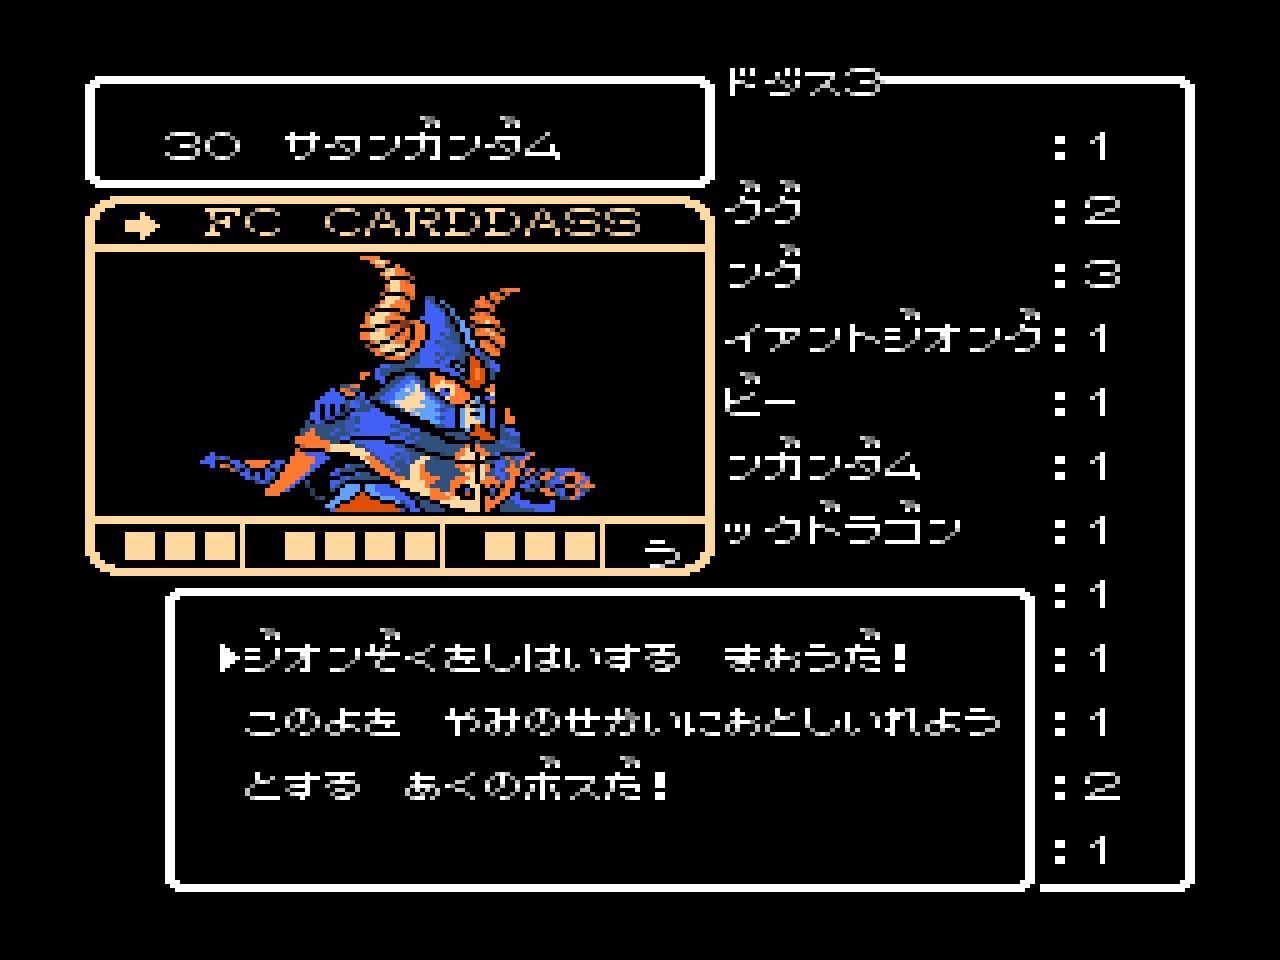 キャラゲー屈指の名作! ファミコン『SDガンダム外伝 ナイトガンダム物語』は「かゆいところに手が届く」RPGだったの画像011